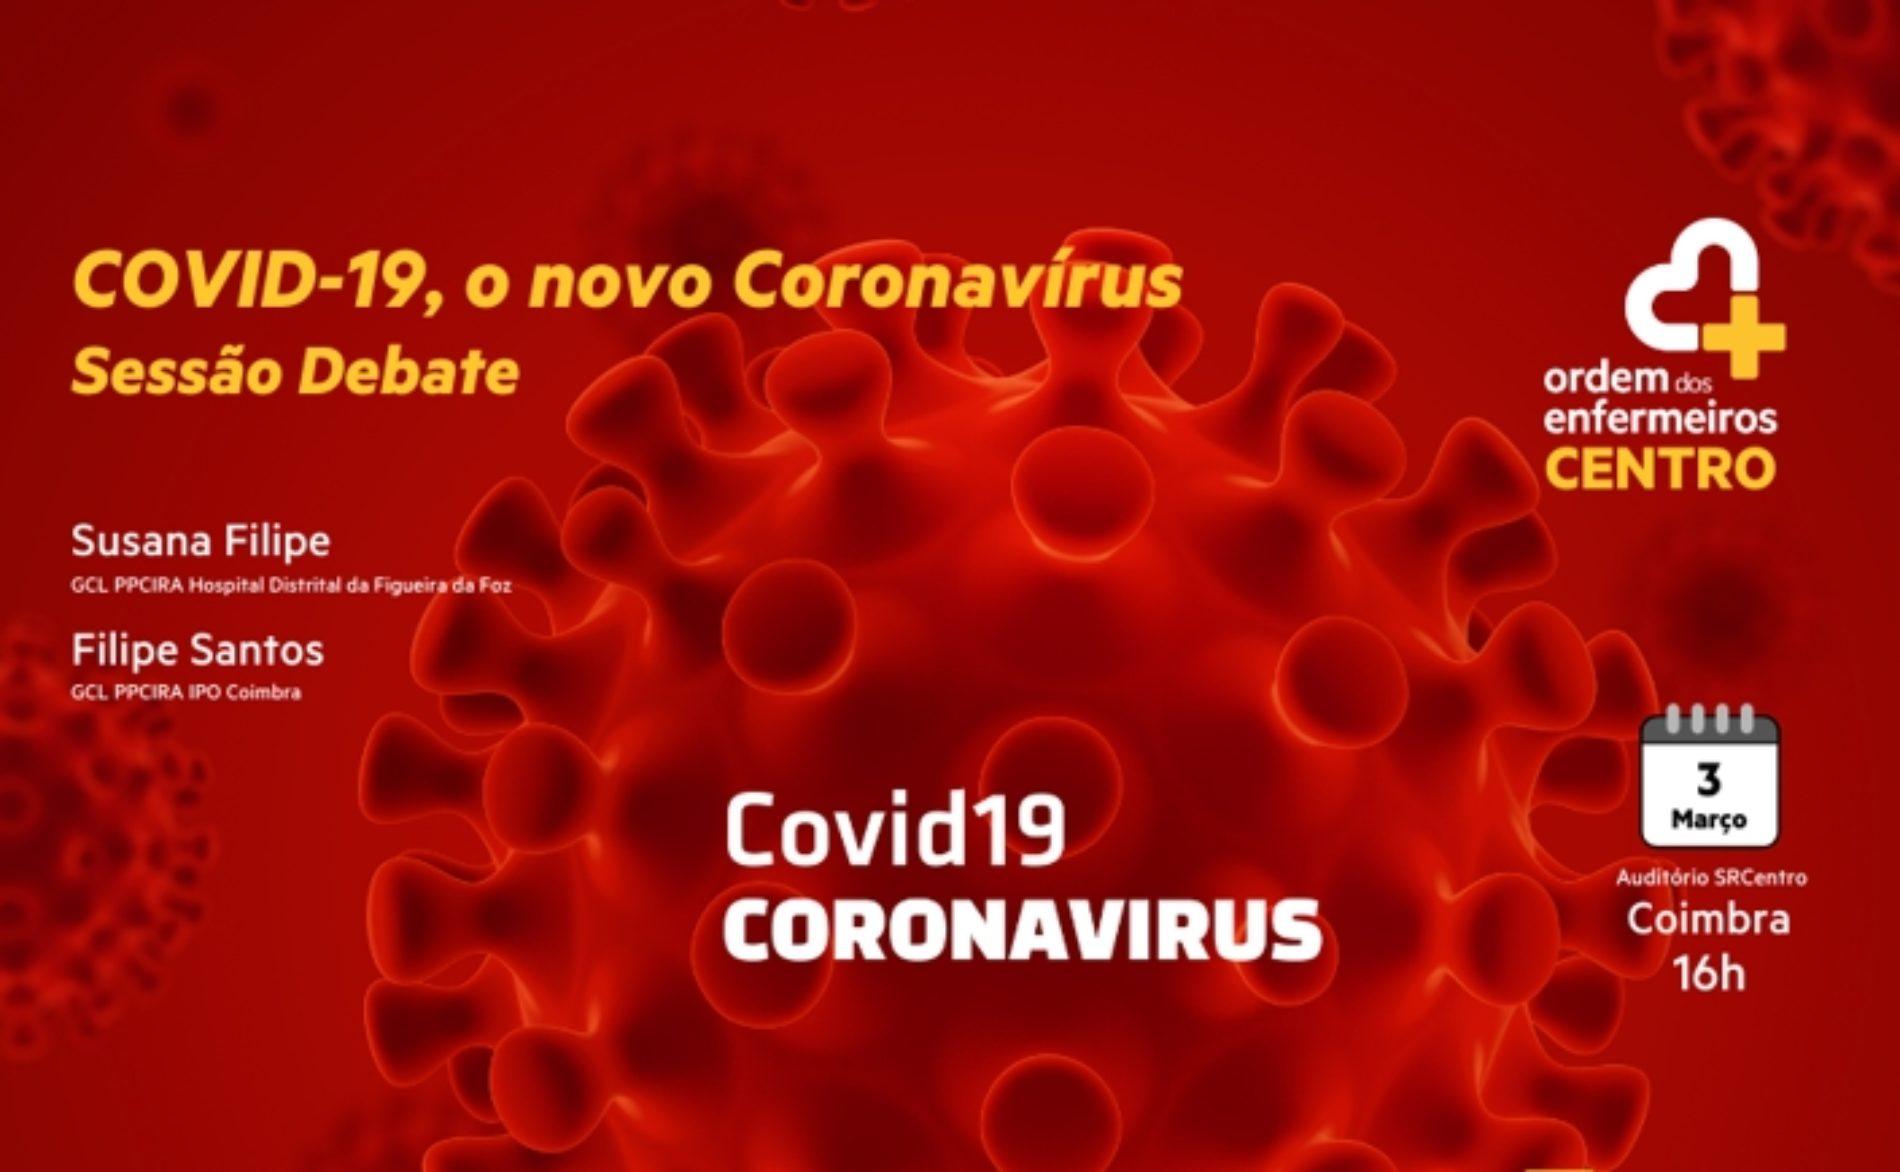 SRC da Ordem dos Enfermeiros promove debate sobre Covid-19